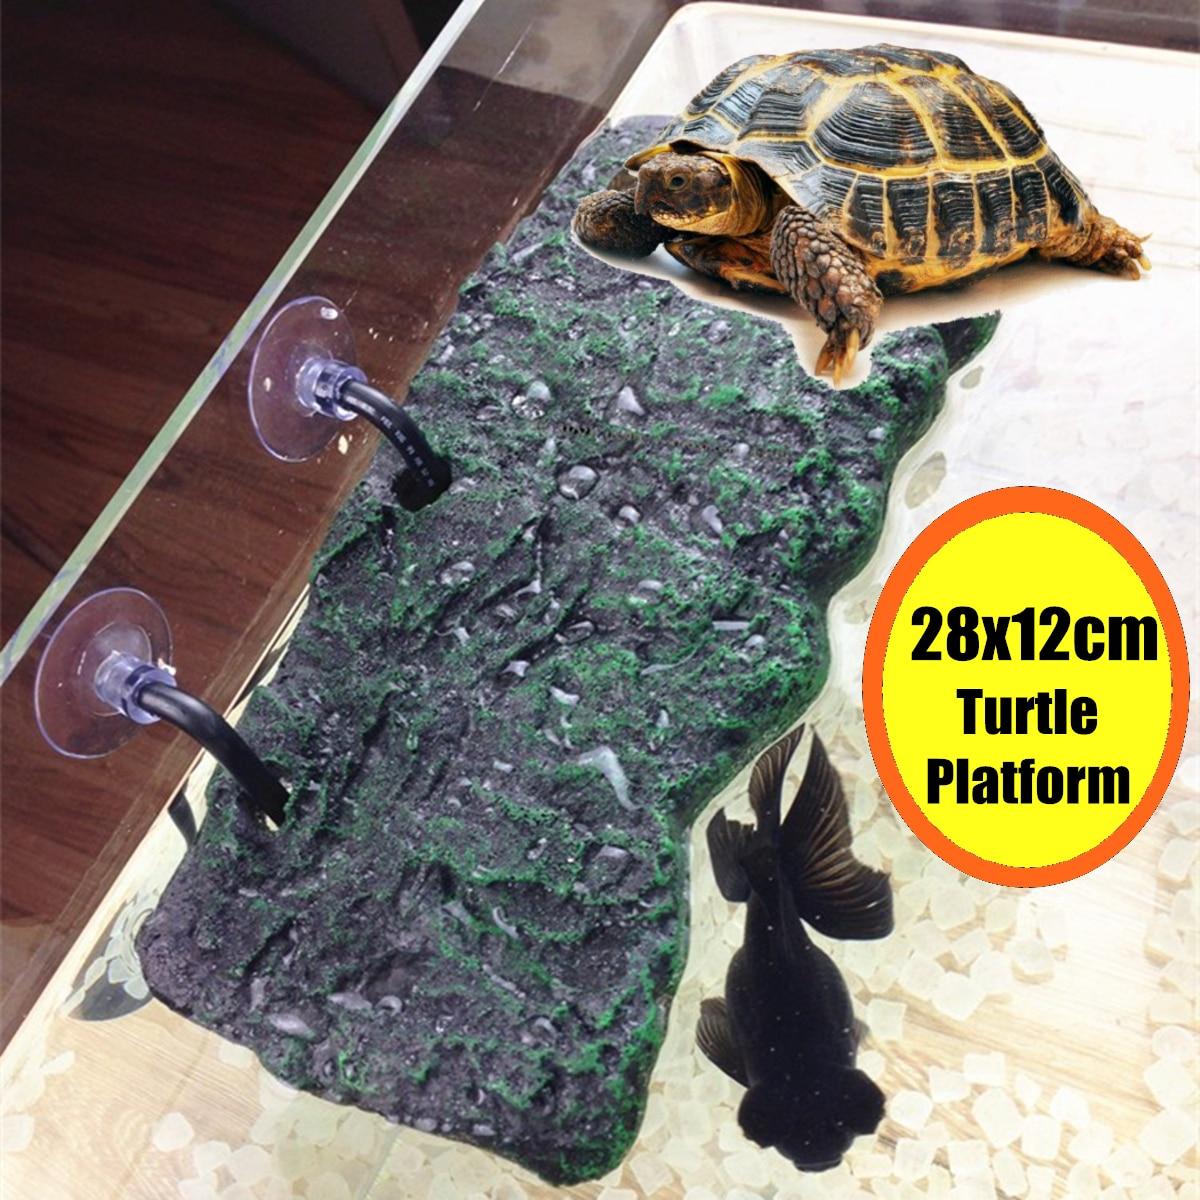 Répteis tanque de aquário plataforma flutuante doca tartaruga pier basking terraço ilha suporte répteis aquáticas pet terrarium decoração